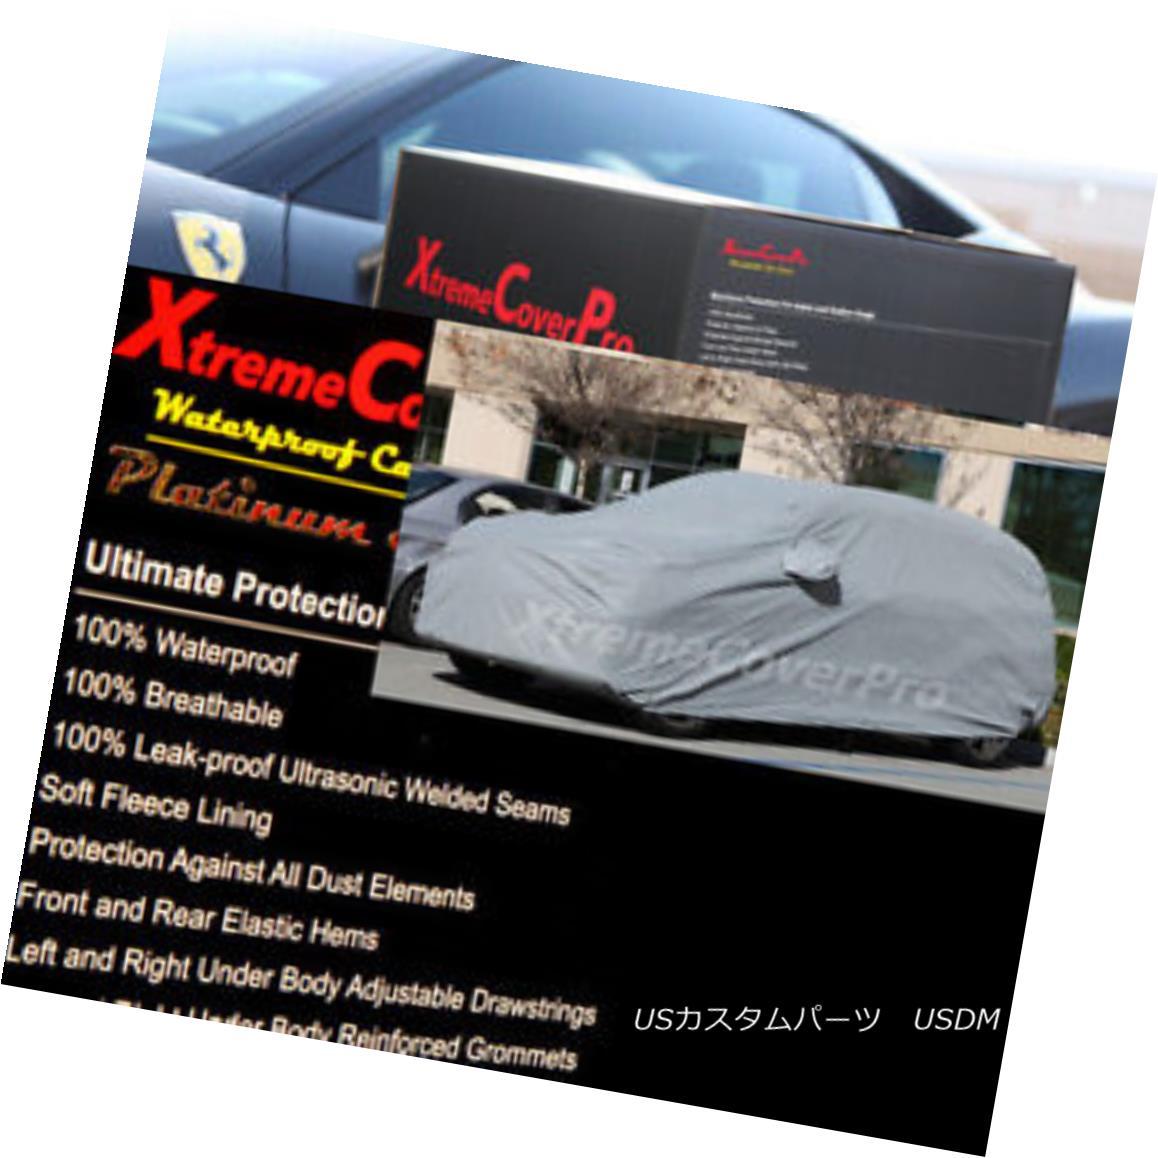 カーカバー 2009 2010 2011 2012 2013 Mercedes R350 Waterproof Car Cover w/MirrorPocket 2009年2010年2011年2012年2013年メルセデスR350防水カーカバー付きMirrorPocket